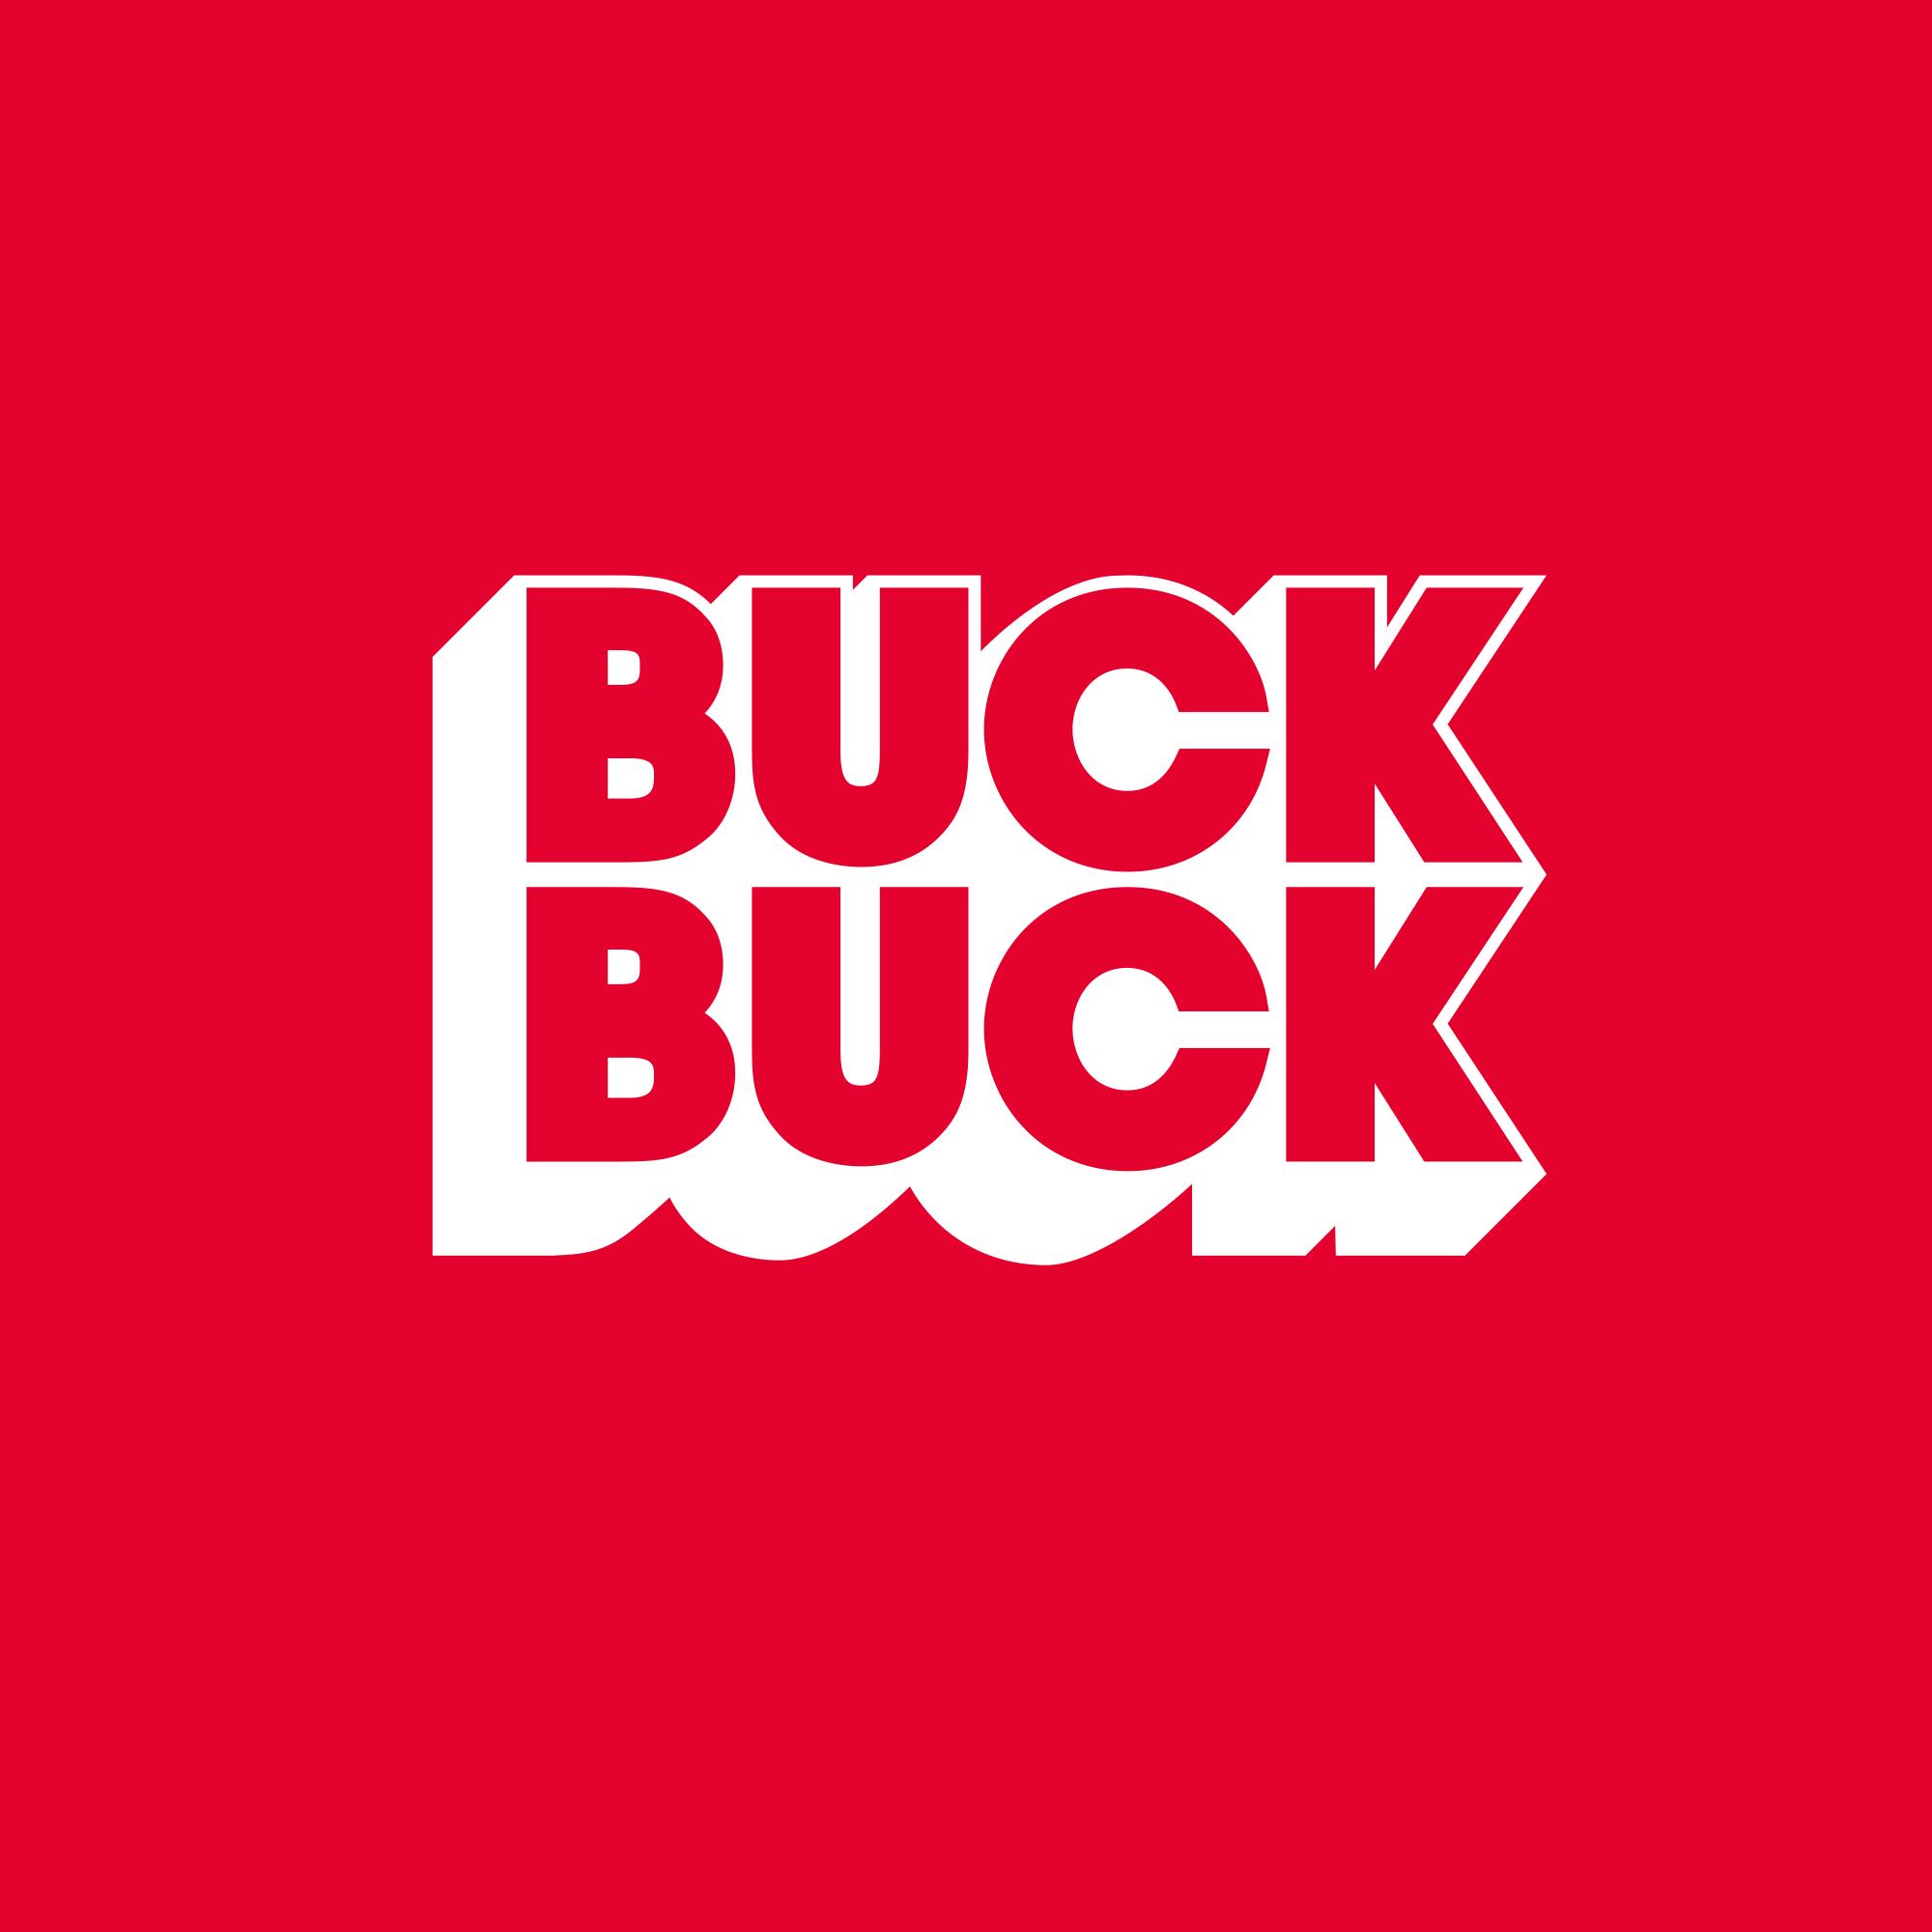 Logo design for Buck Buck